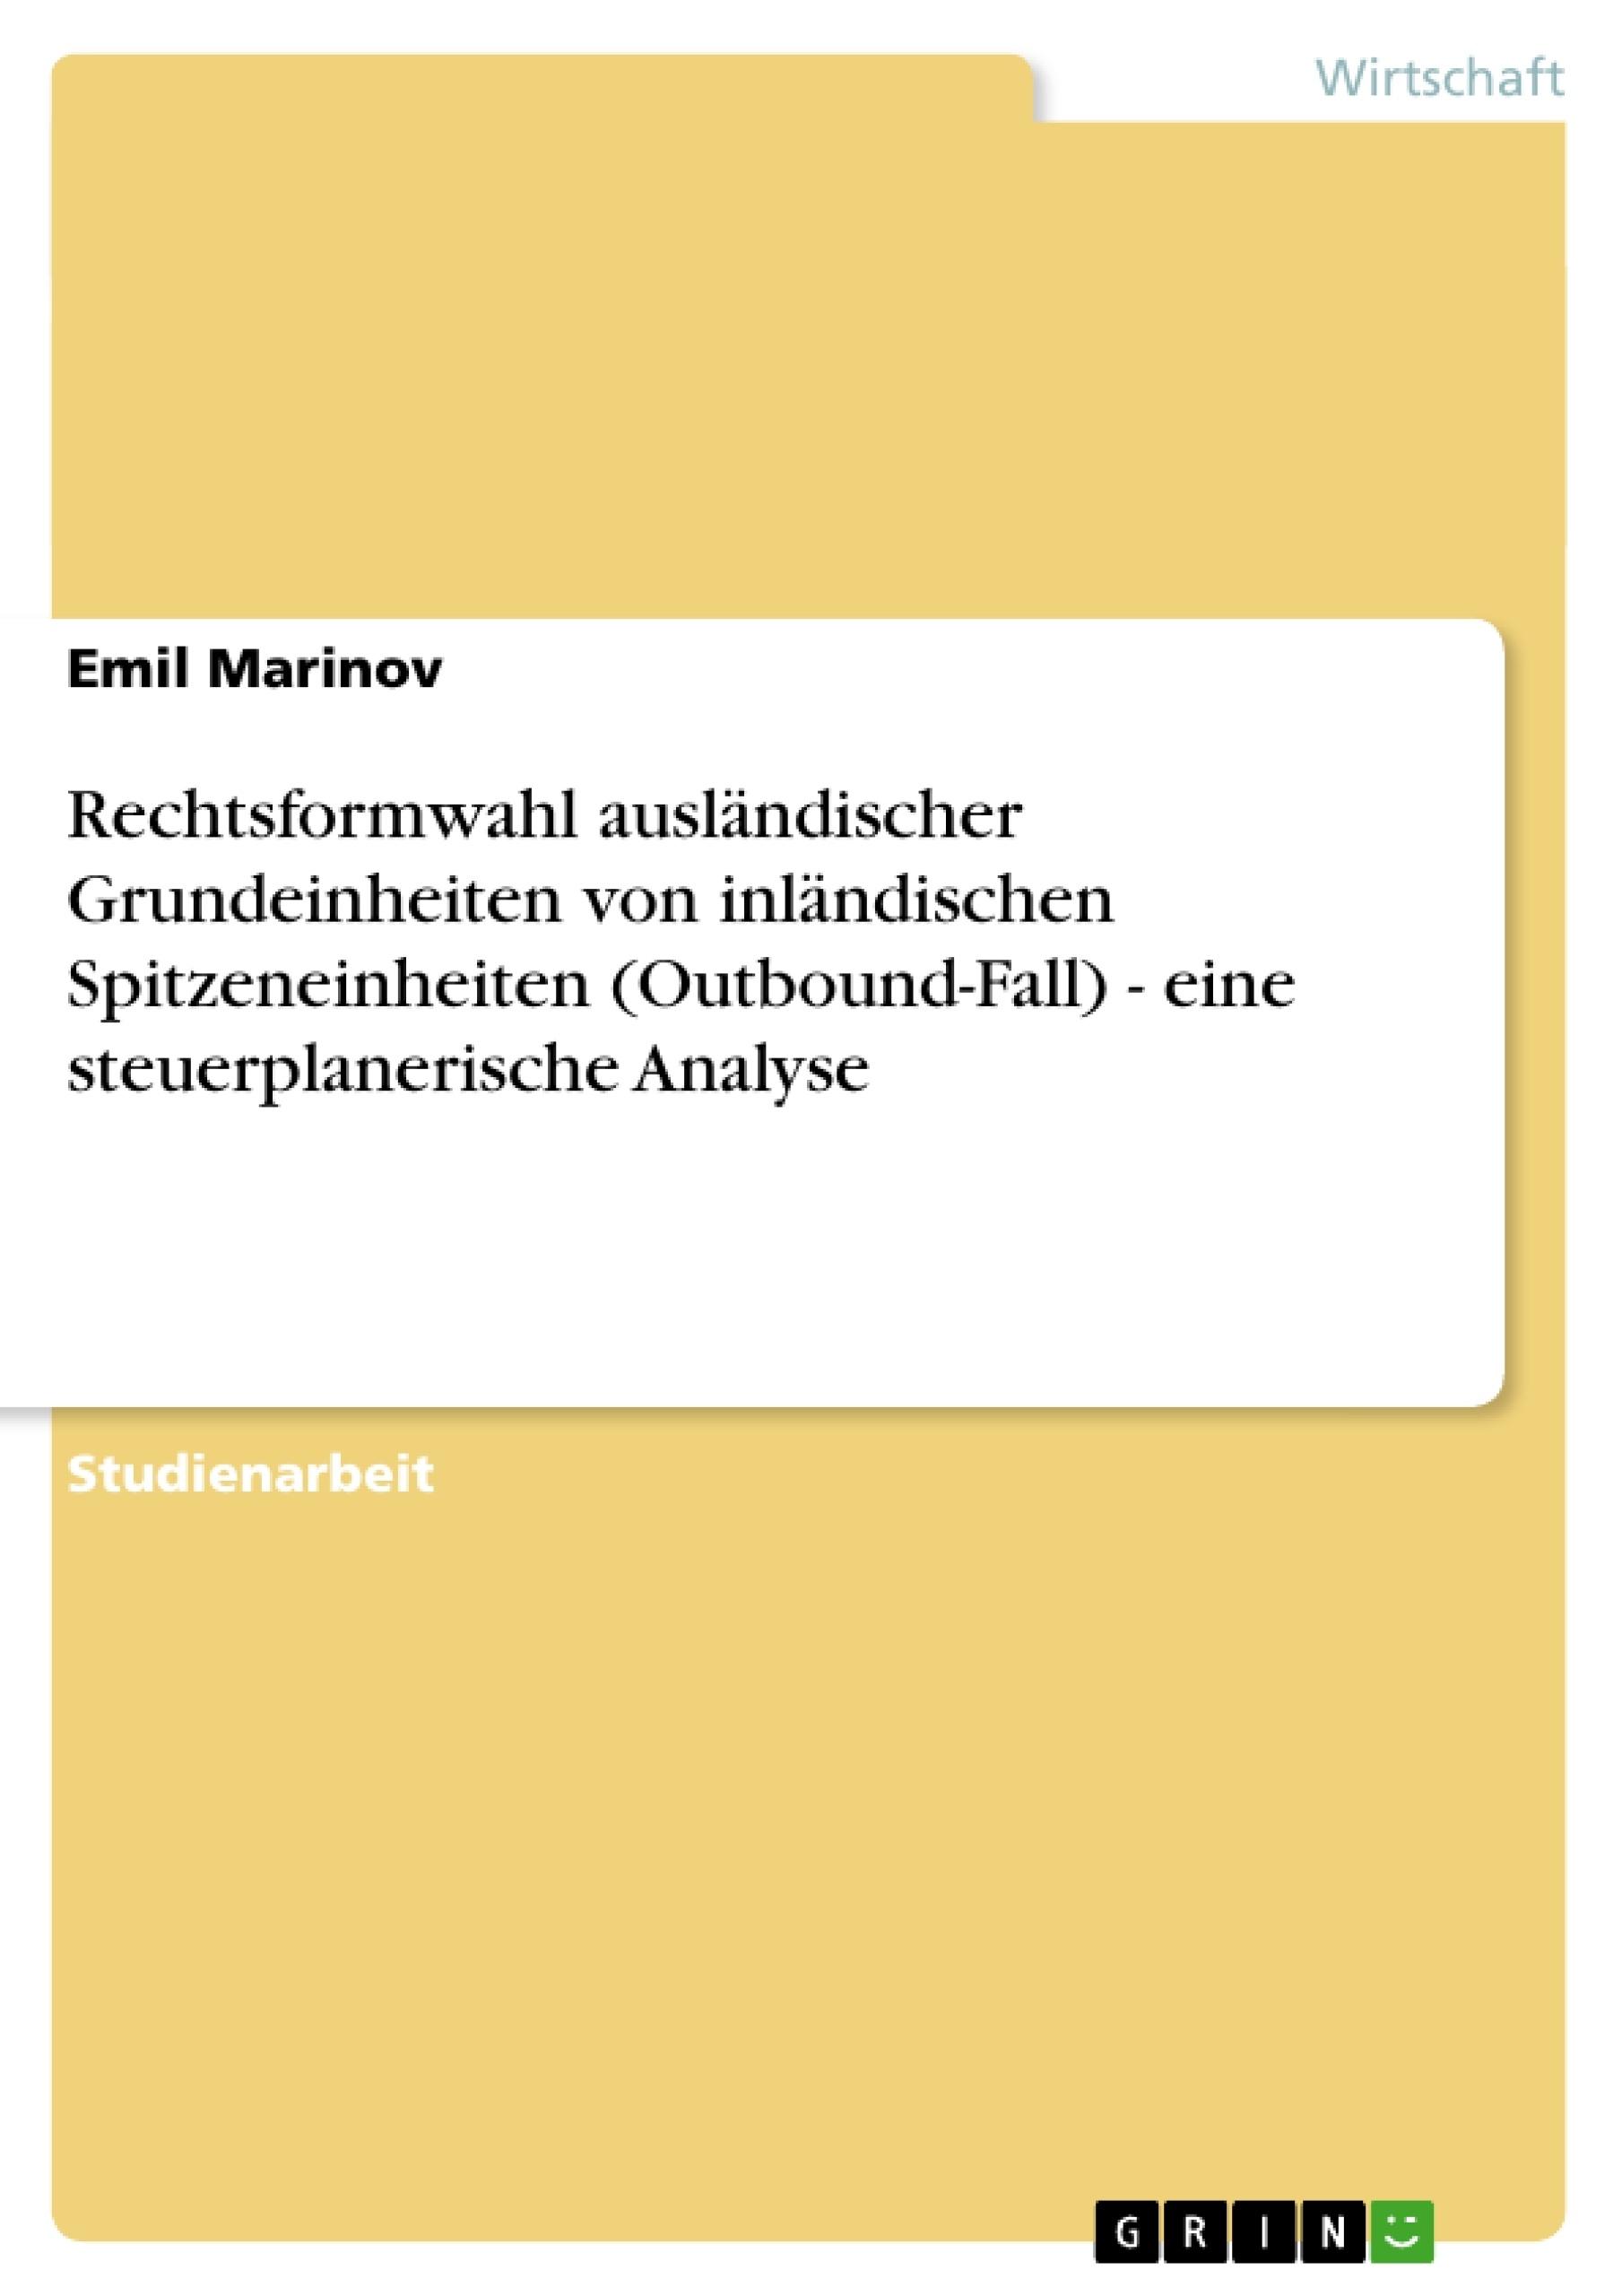 Titel: Rechtsformwahl ausländischer Grundeinheiten von inländischen Spitzeneinheiten (Outbound-Fall) - eine steuerplanerische Analyse